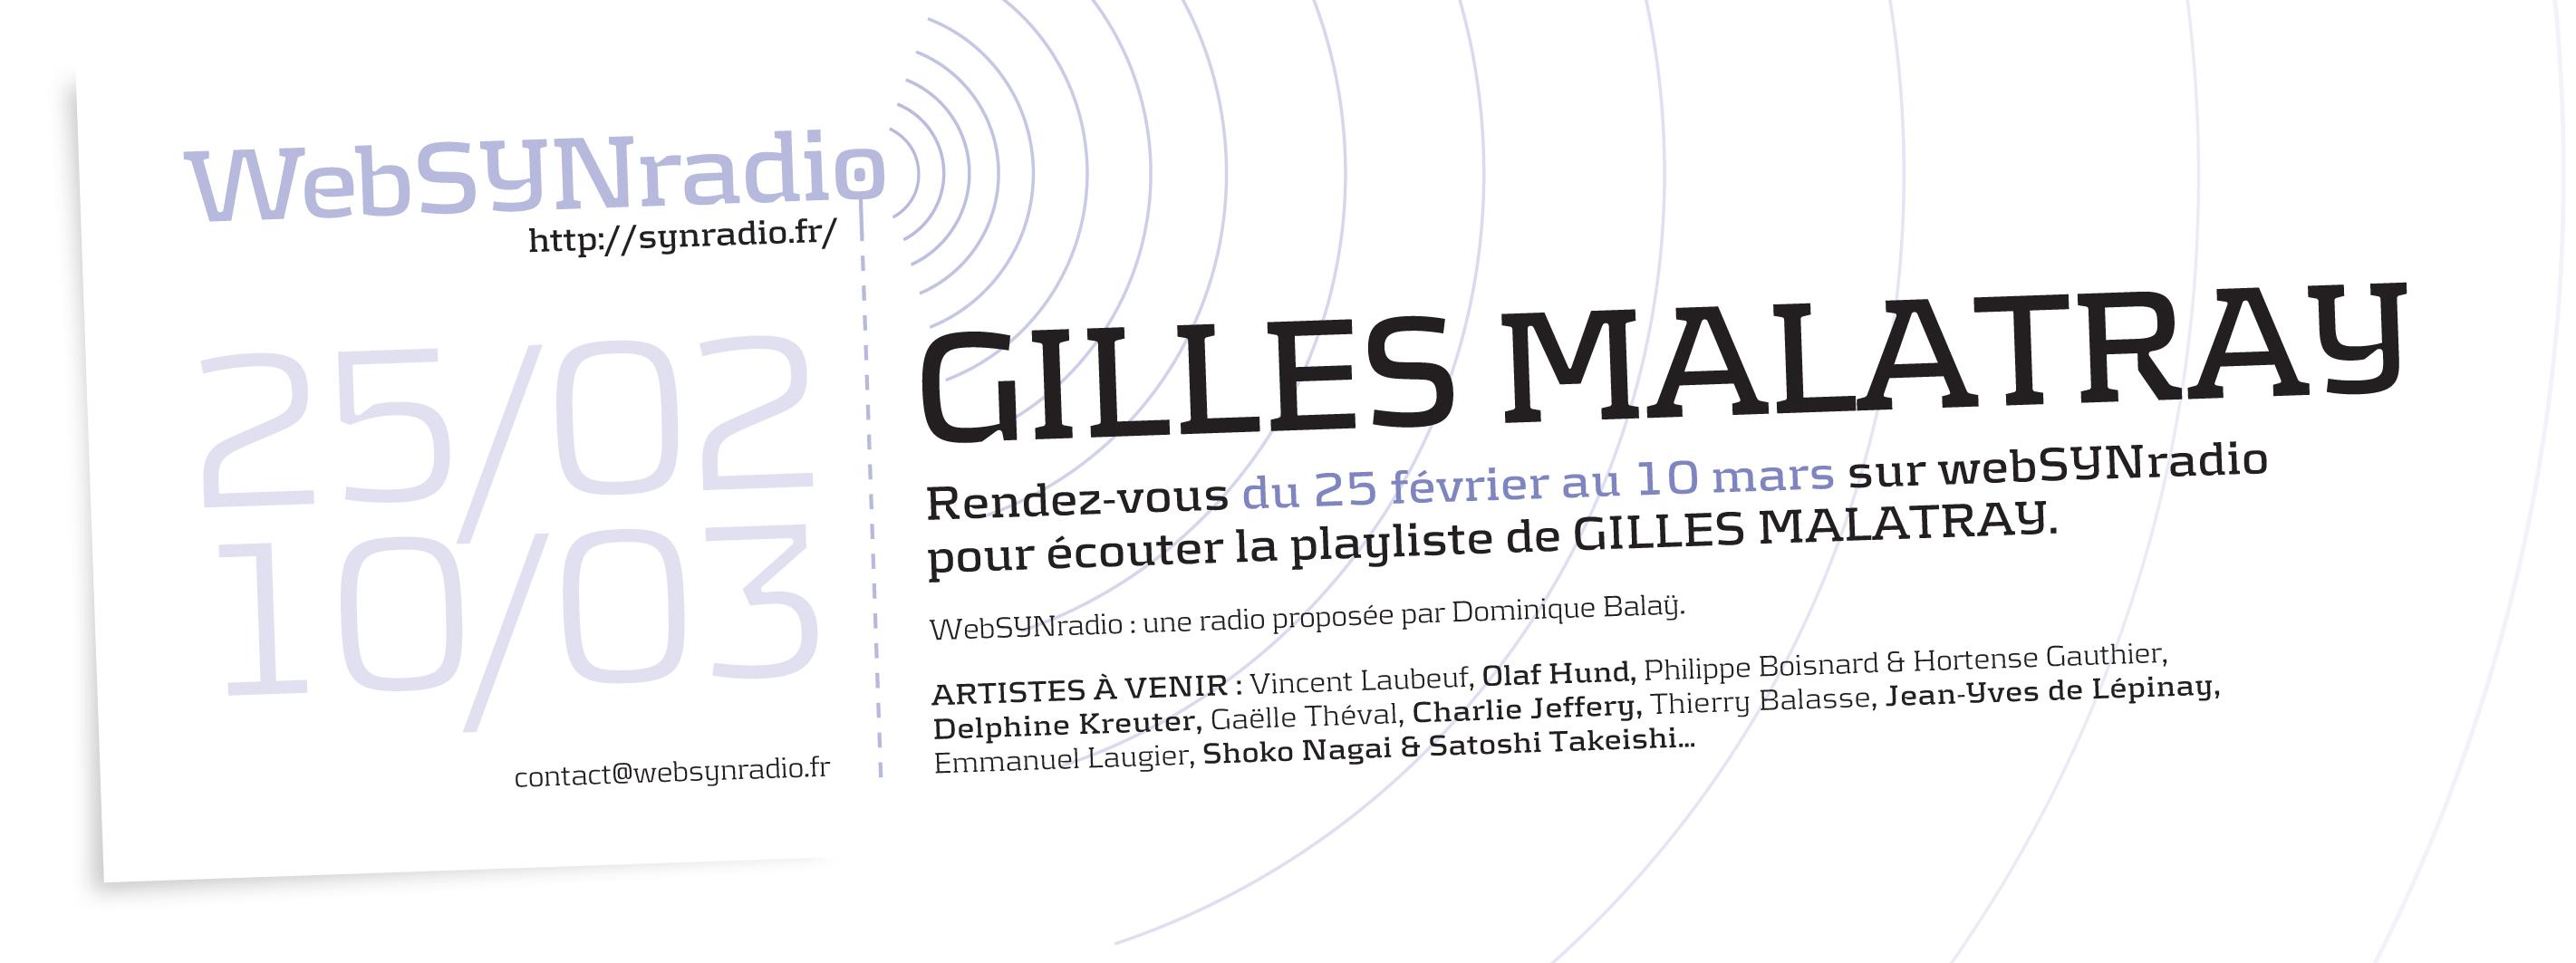 Gilles-Malatray websynradio